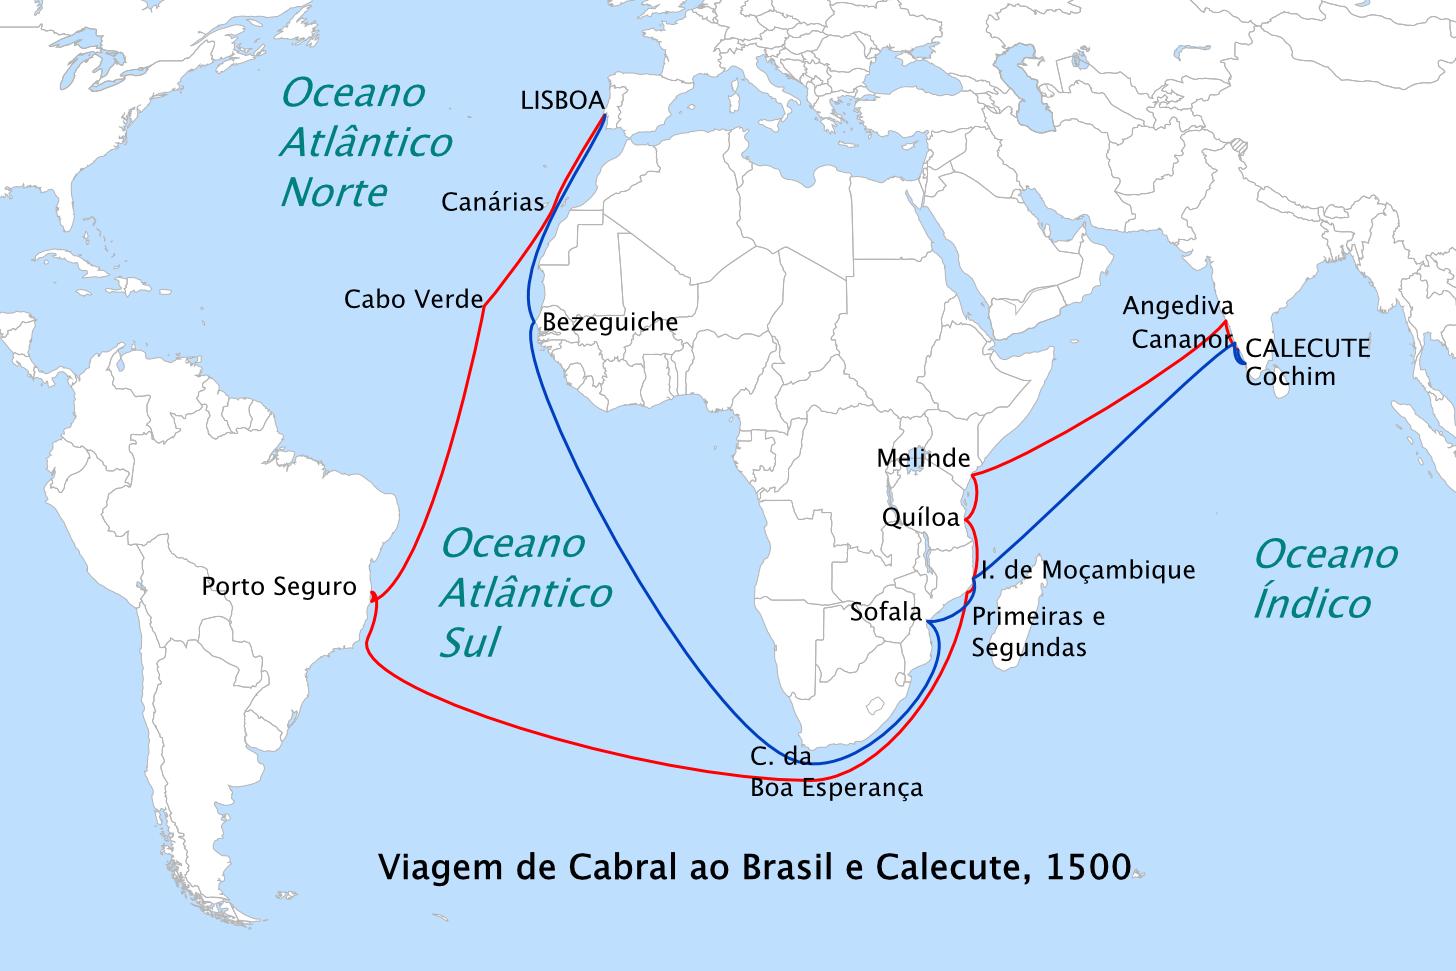 mapa e rotas de portugal Descobrimentos portugueses – Wikipédia, a enciclopédia livre mapa e rotas de portugal